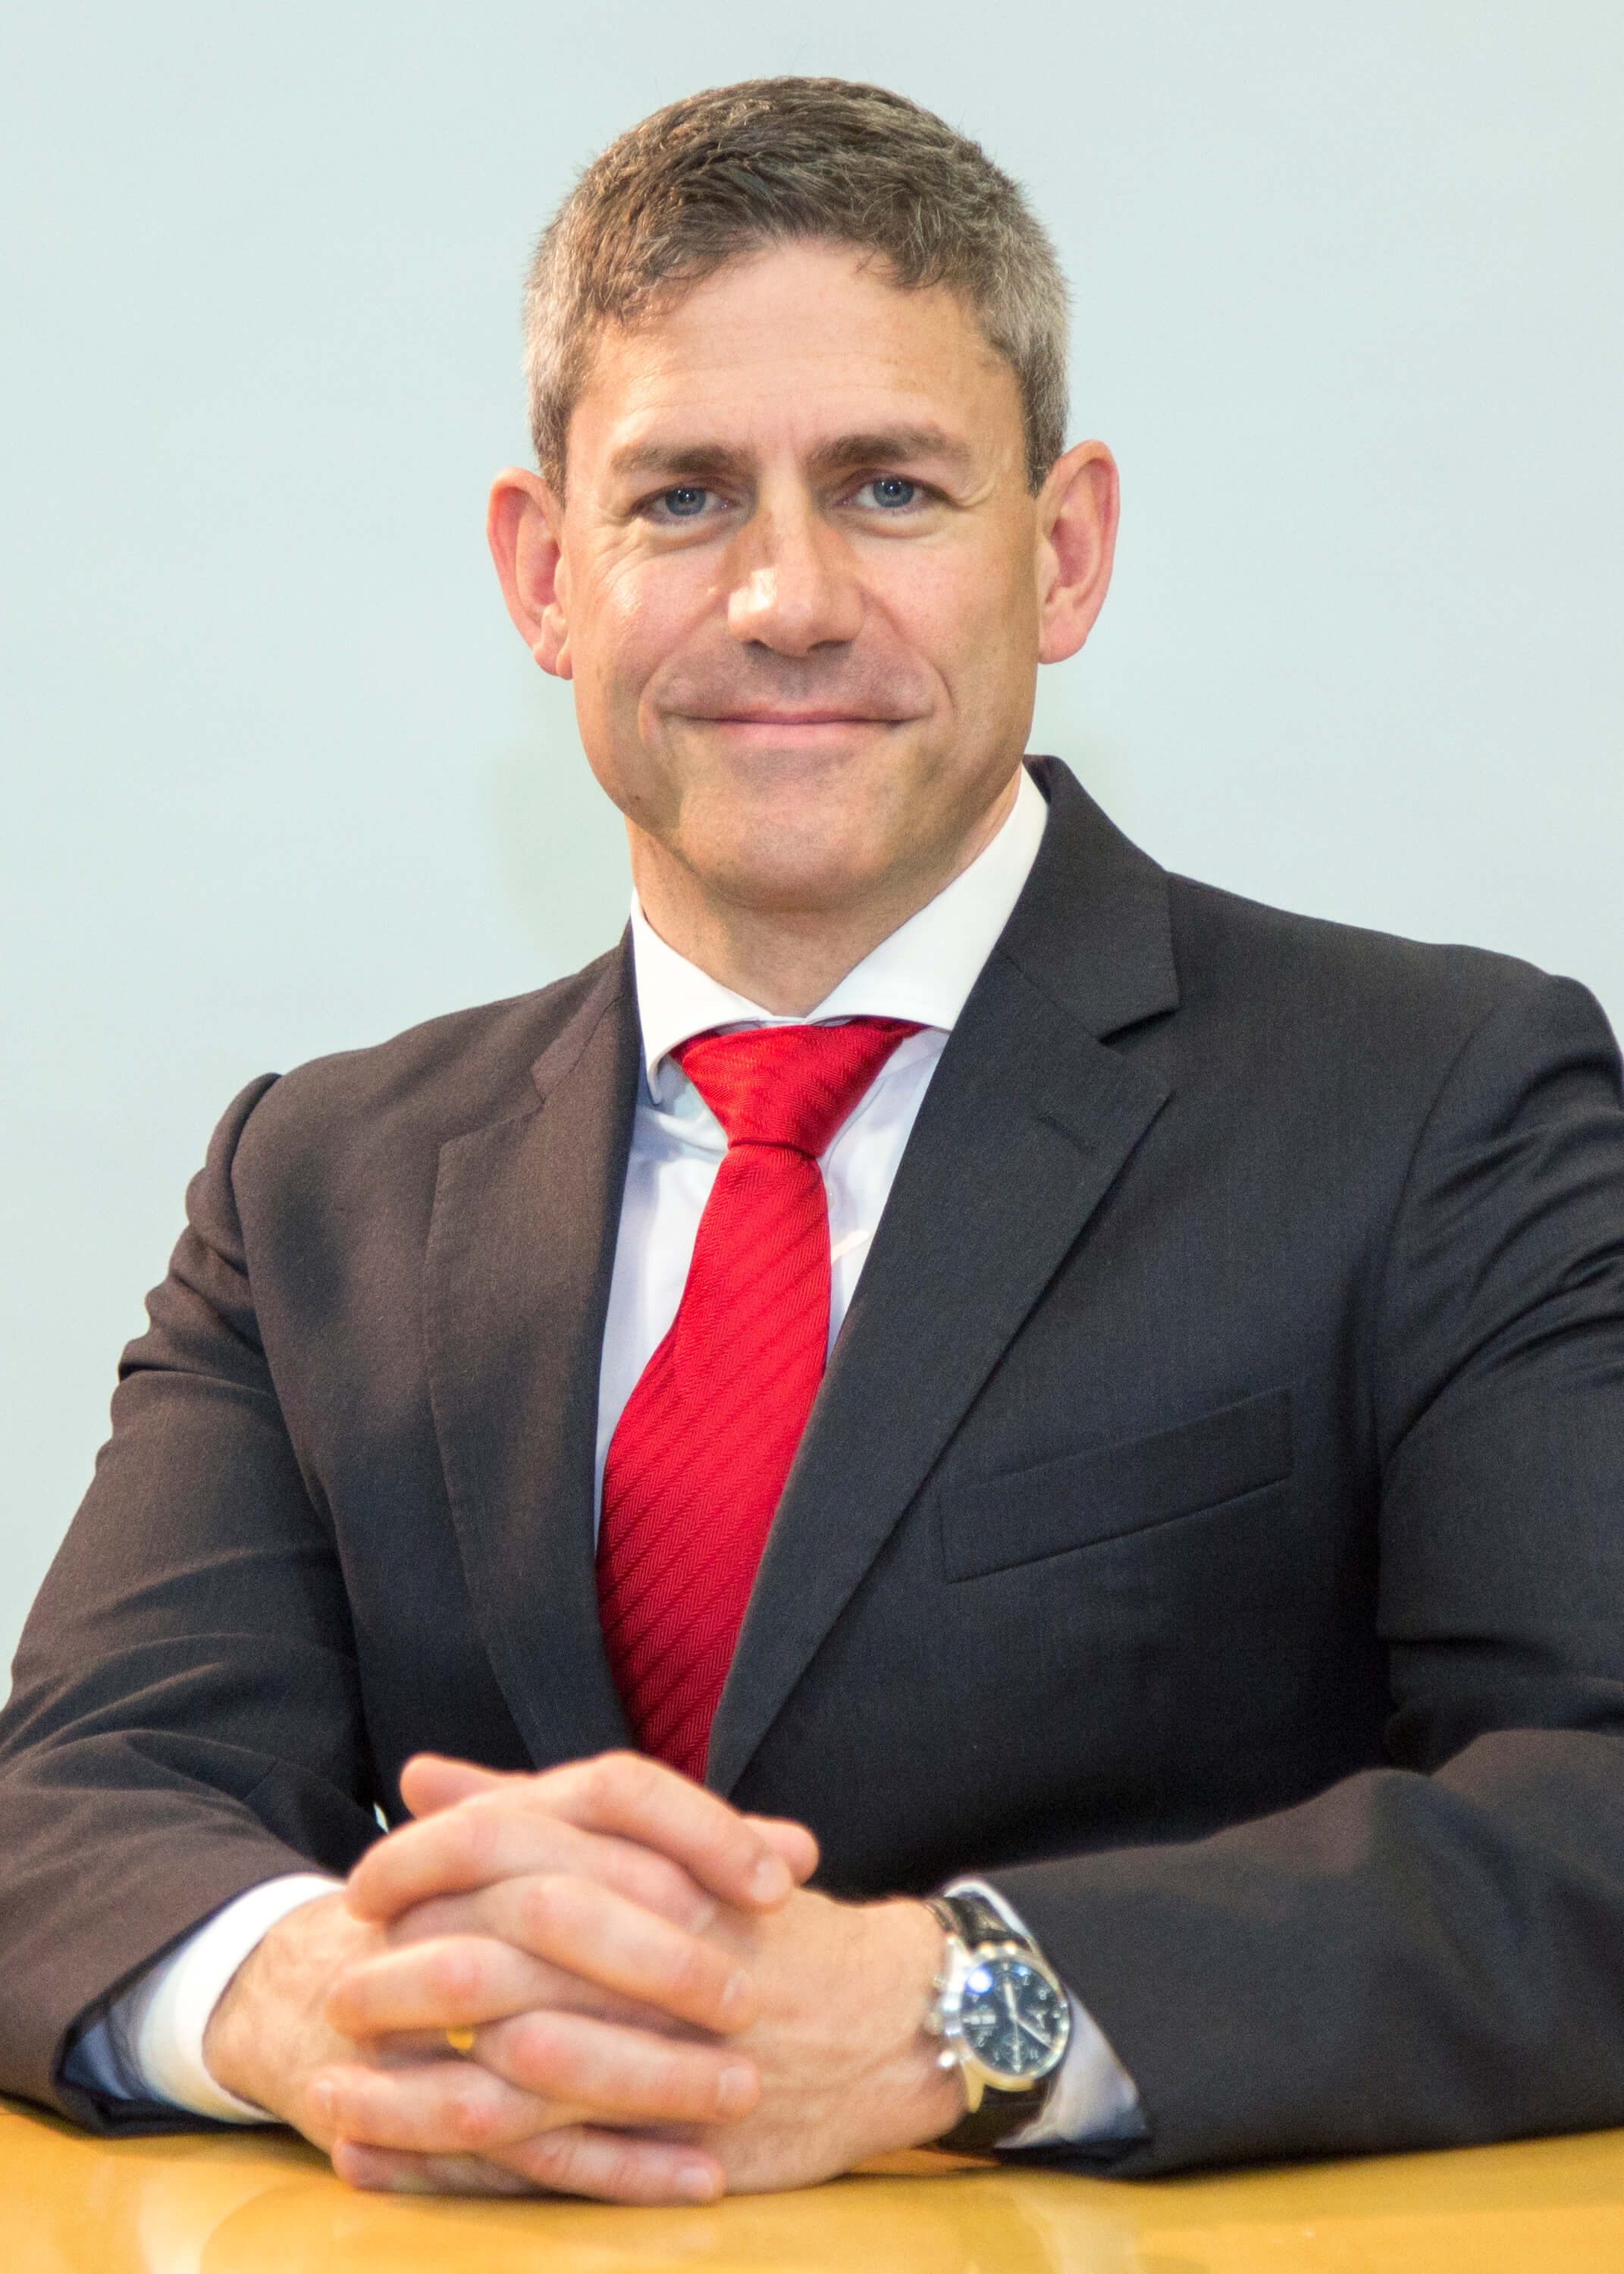 Andrew Harley